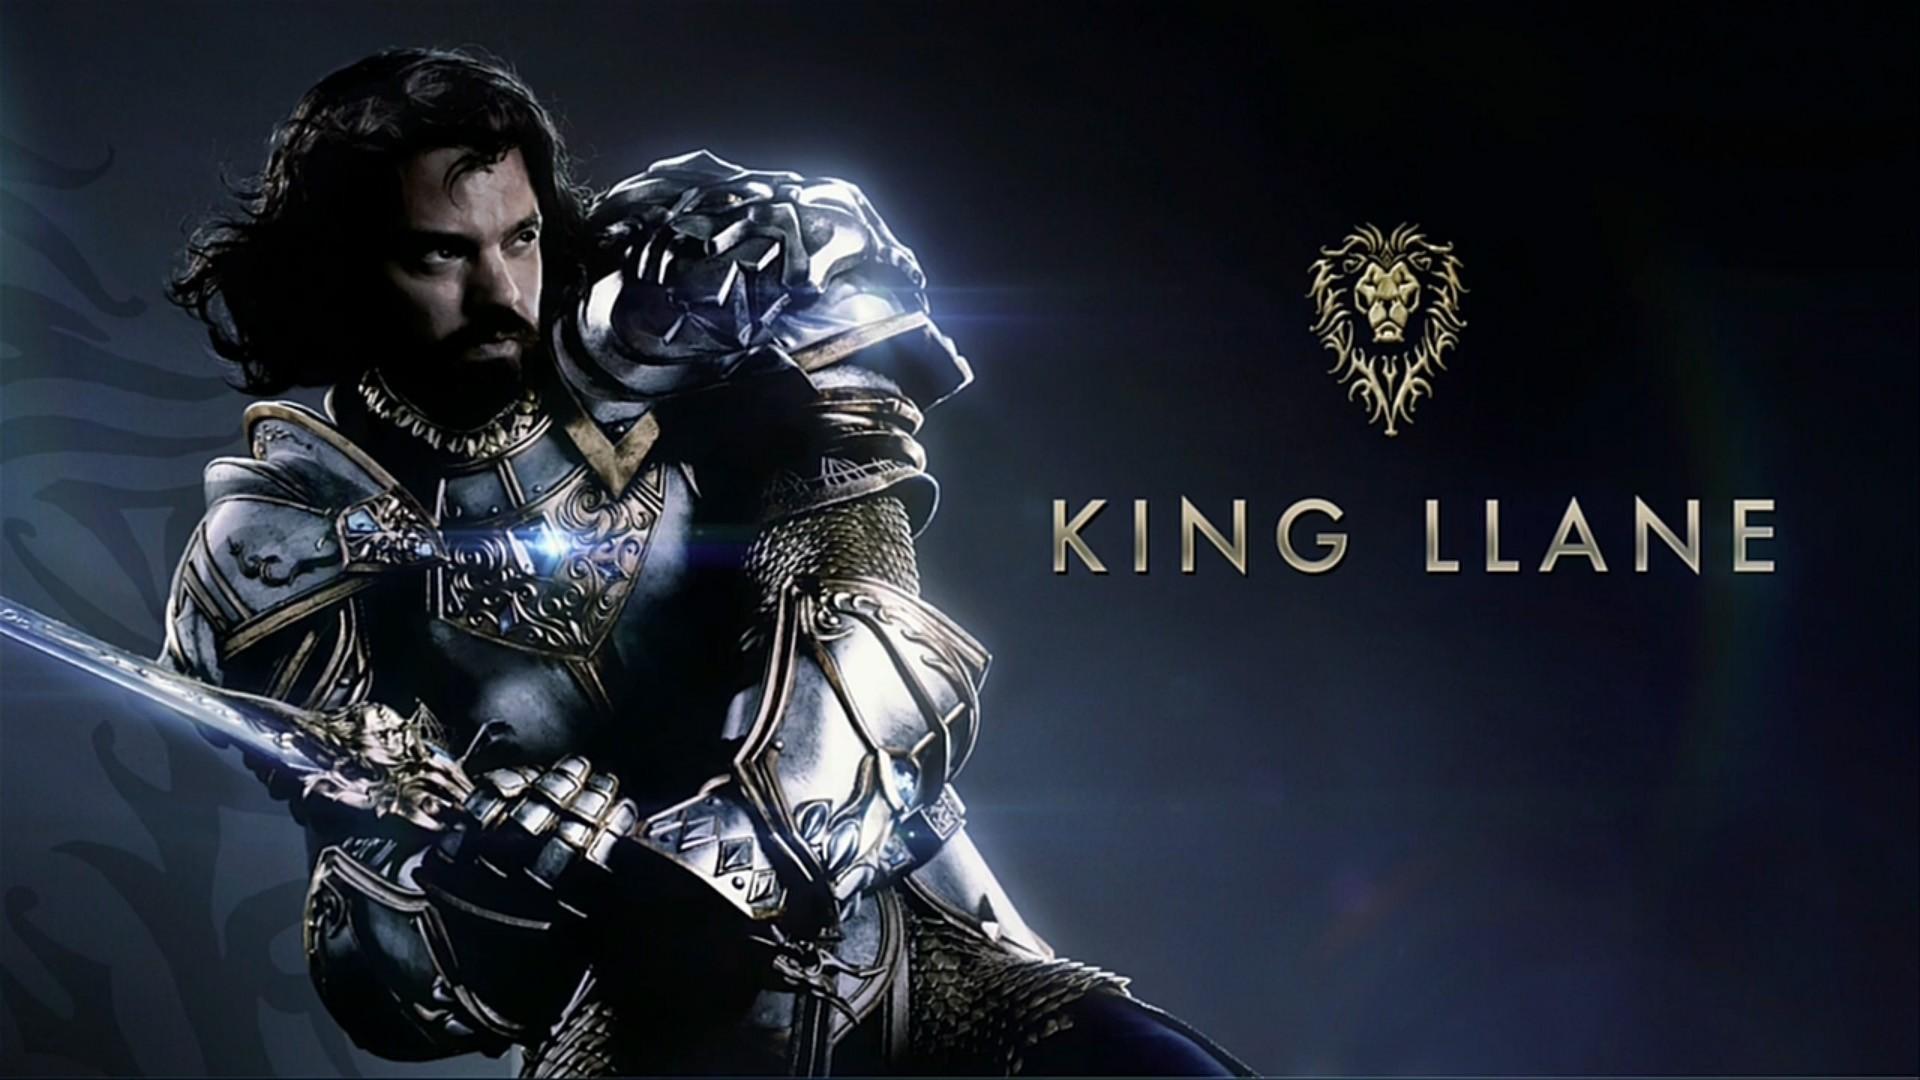 Warcraft Movie, Warcraft, Wow Movie, Movie, King Llane Wrynn, Alliance,